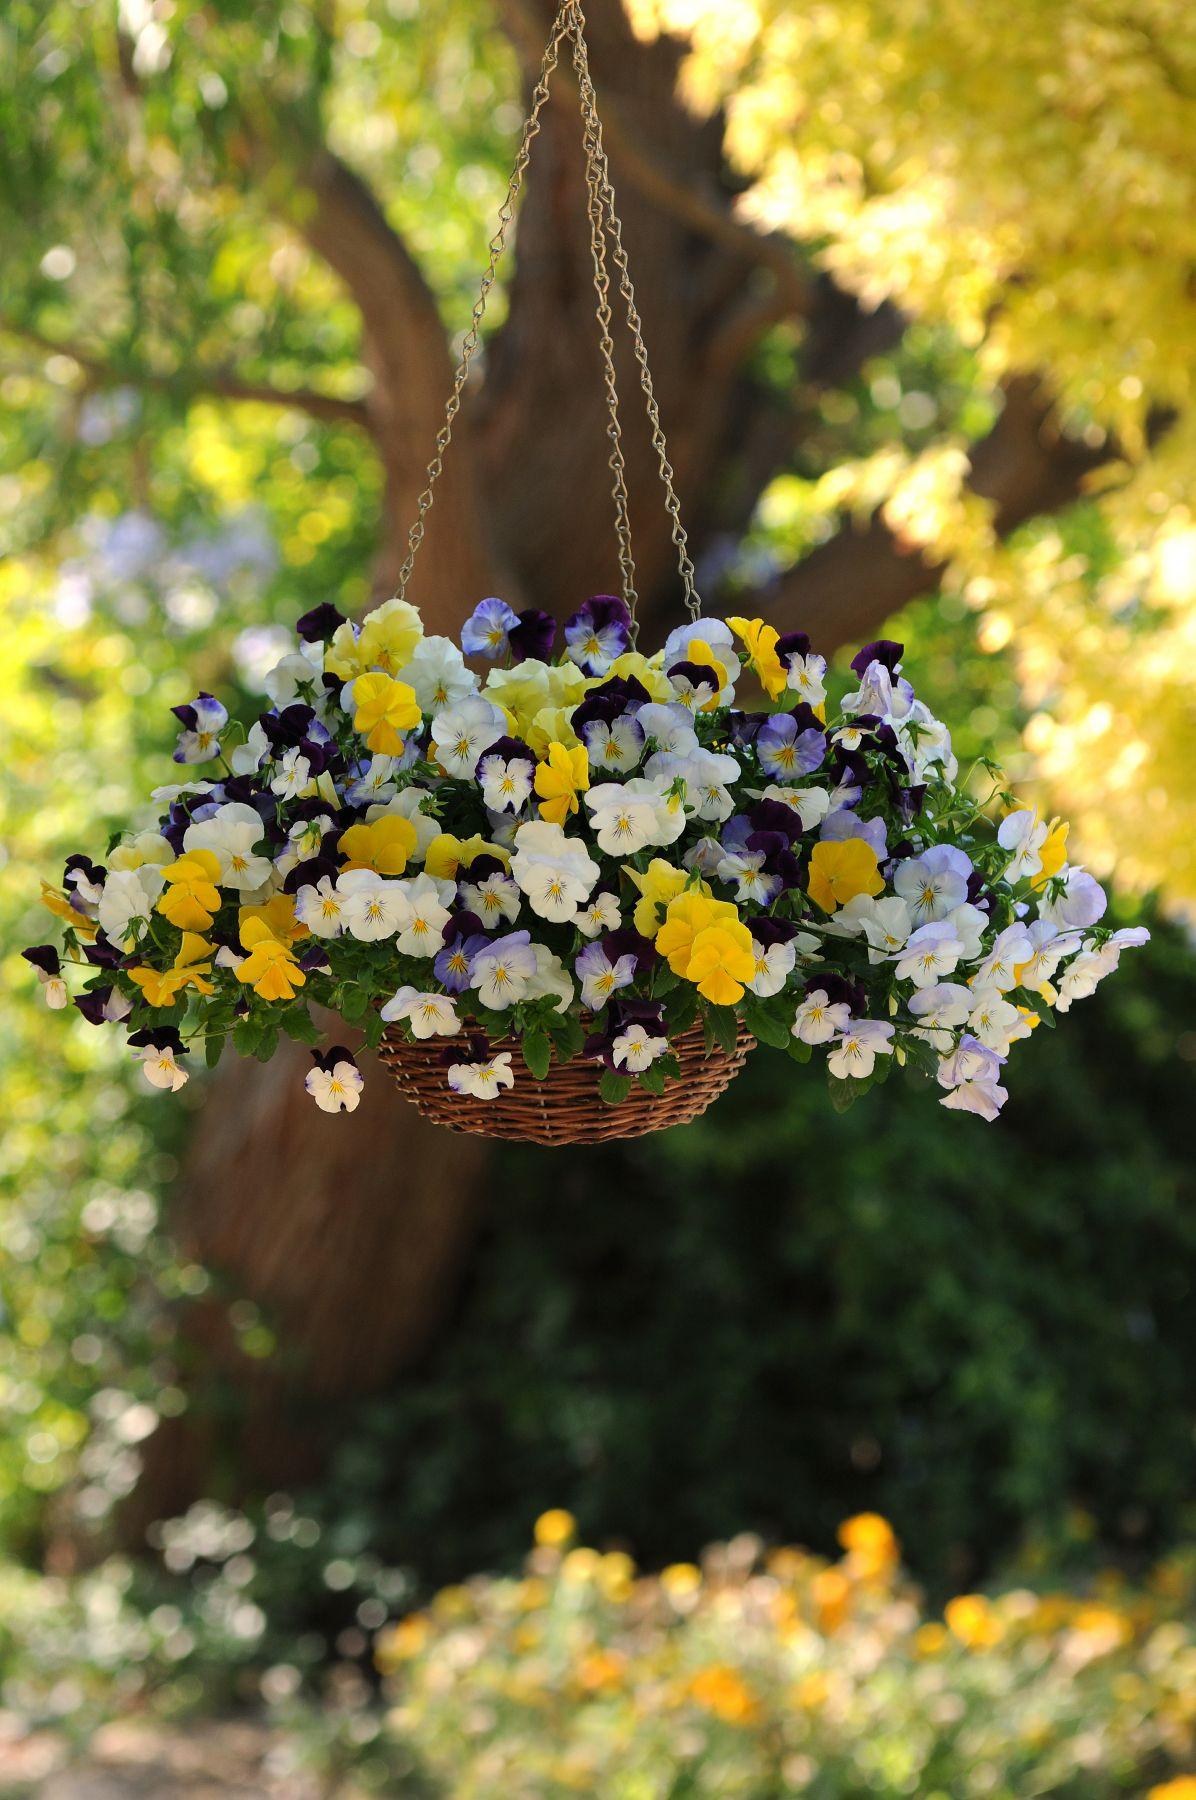 violas brighten a winter garden g a r d e n pinterest